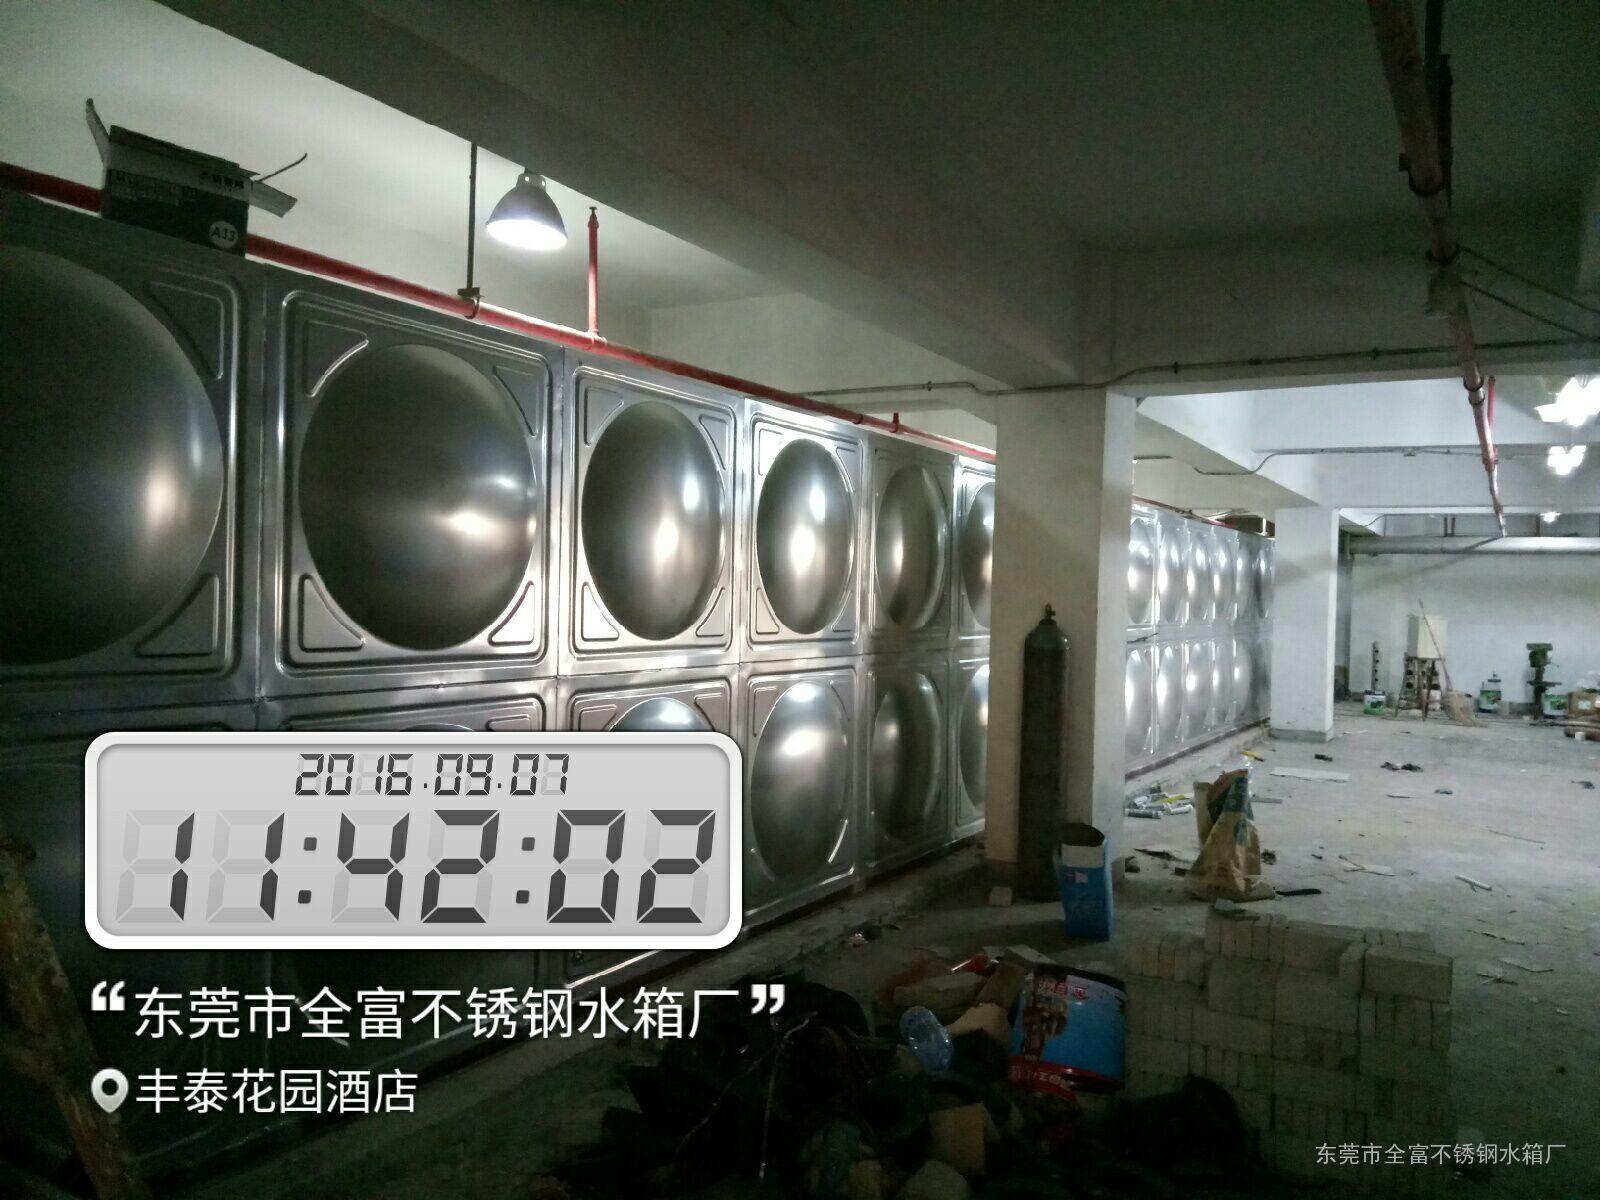 全富牌 东莞成品不锈钢保温水箱 东莞丰泰花园酒店水箱服务商